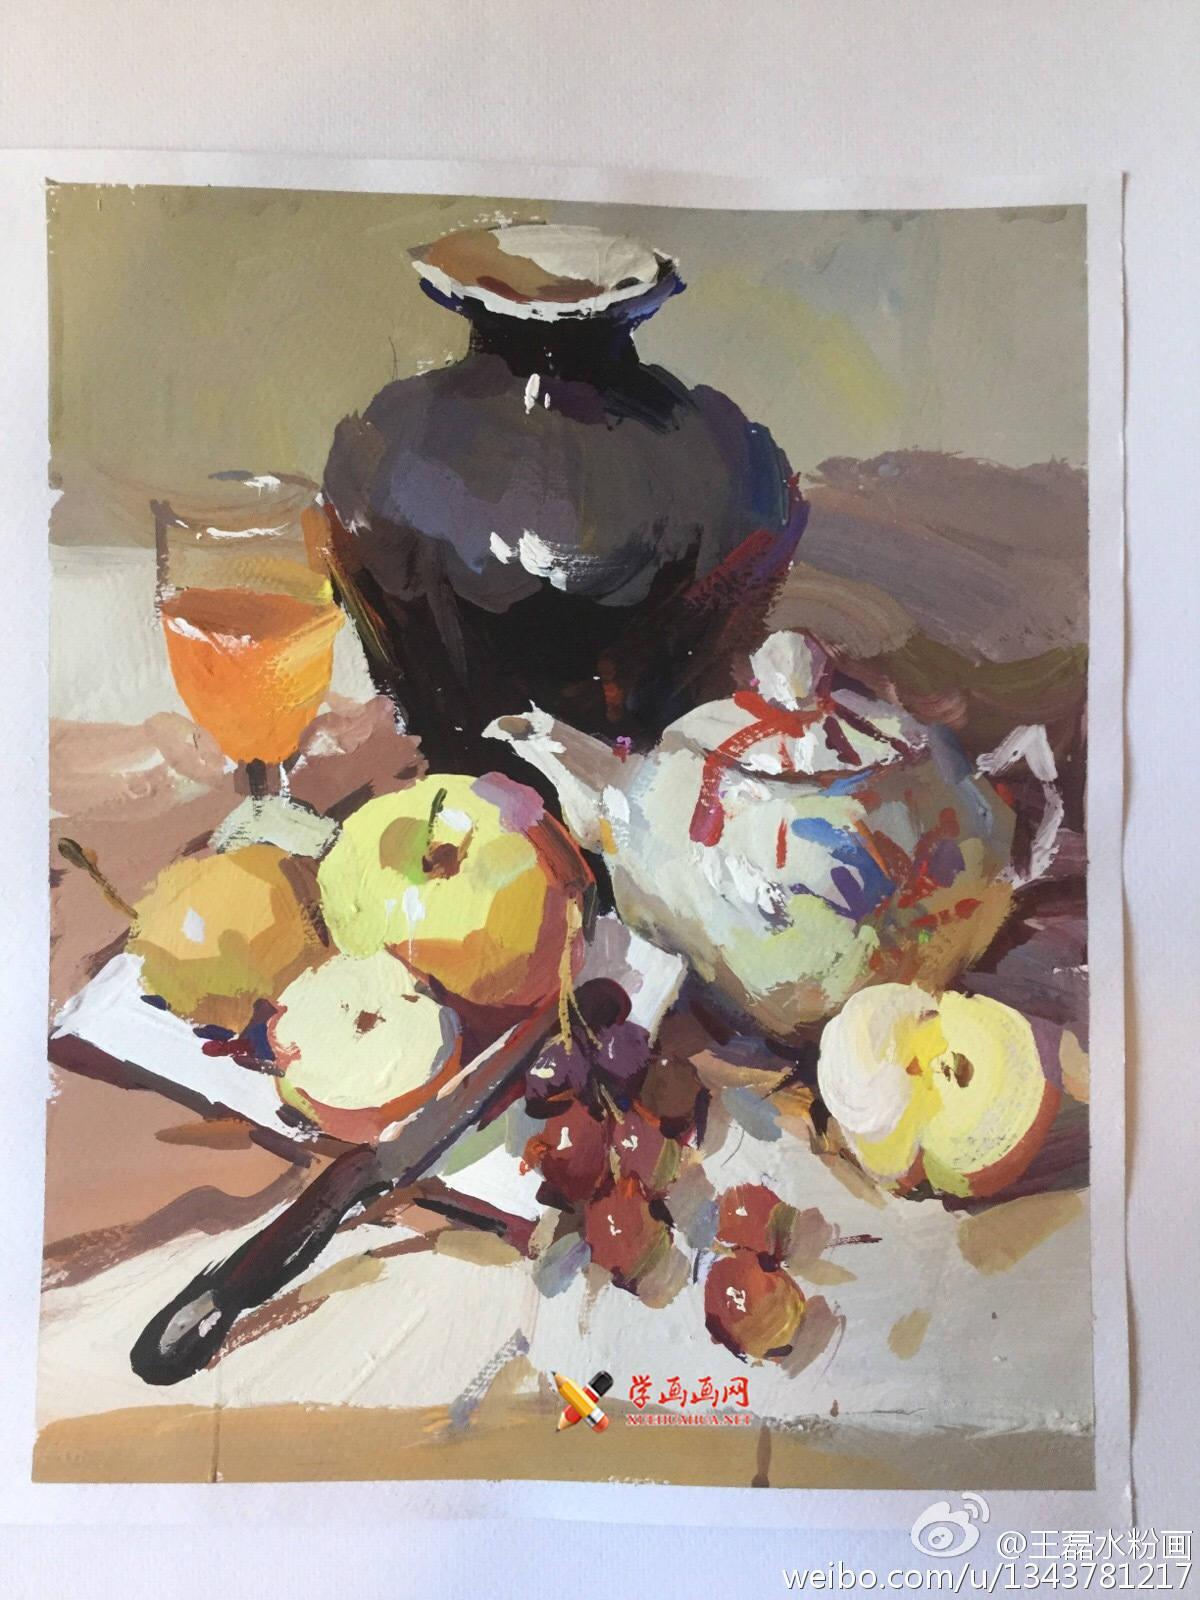 水粉画范画:茶壶、陶罐、苹果、葡萄、水果刀的画法(1)